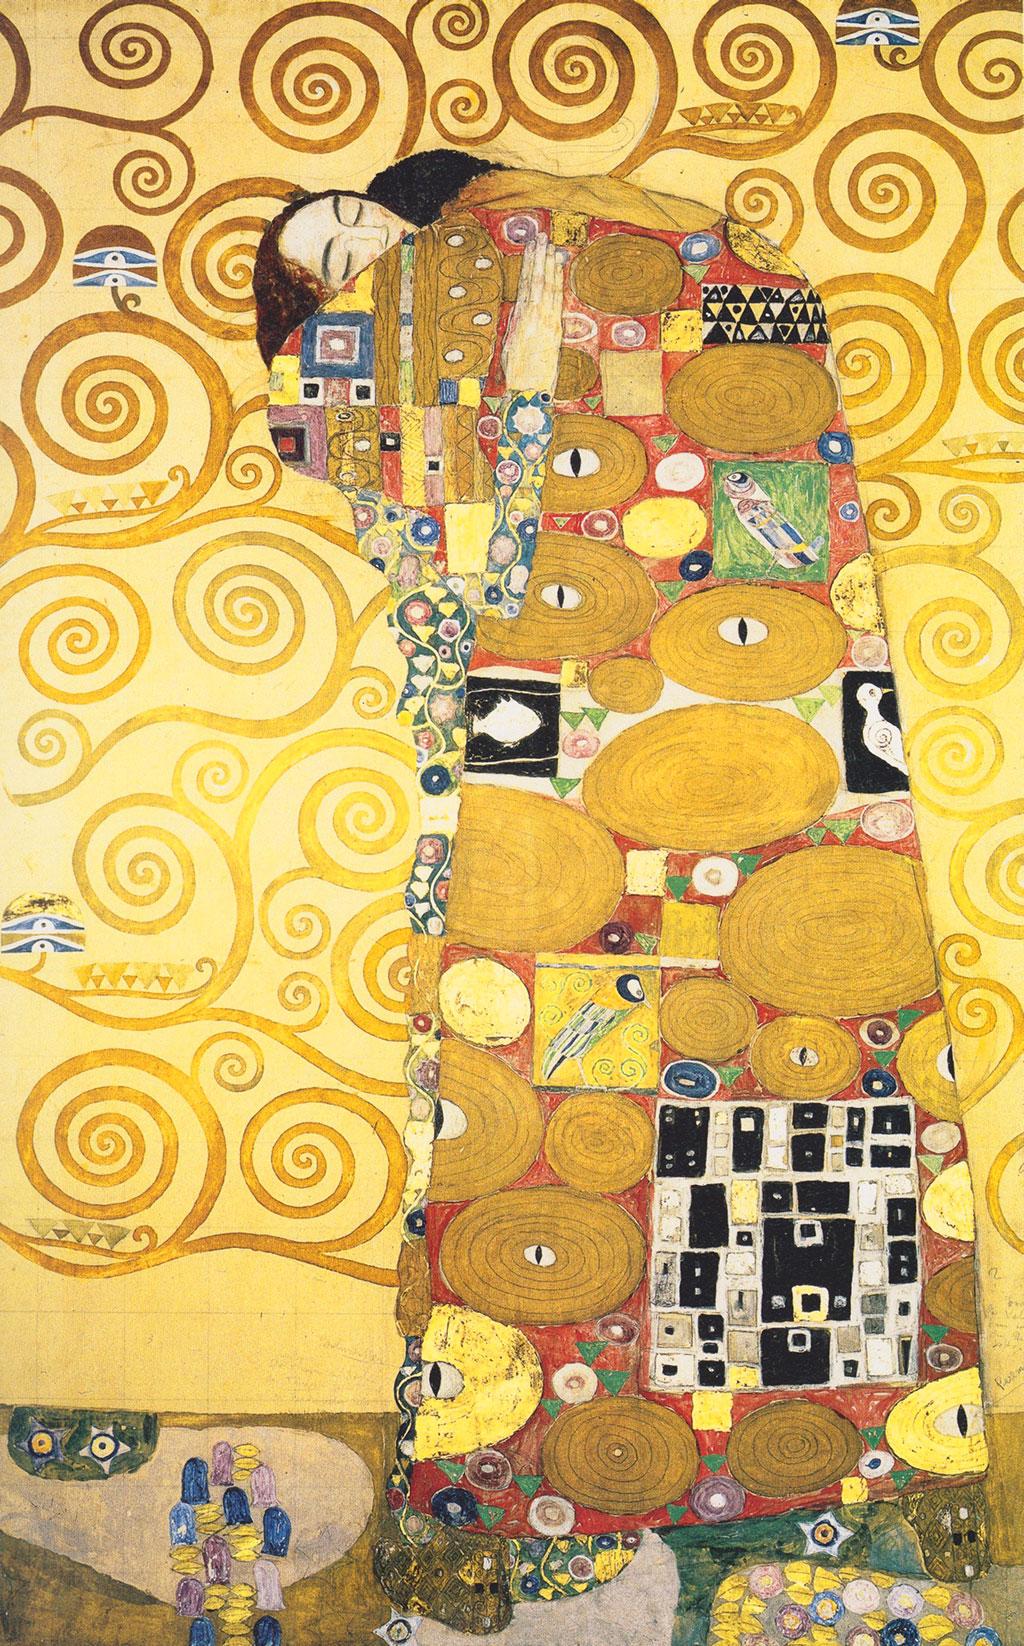 L'abbraccio di Klimt: storia, simboli e analisi dell'opera